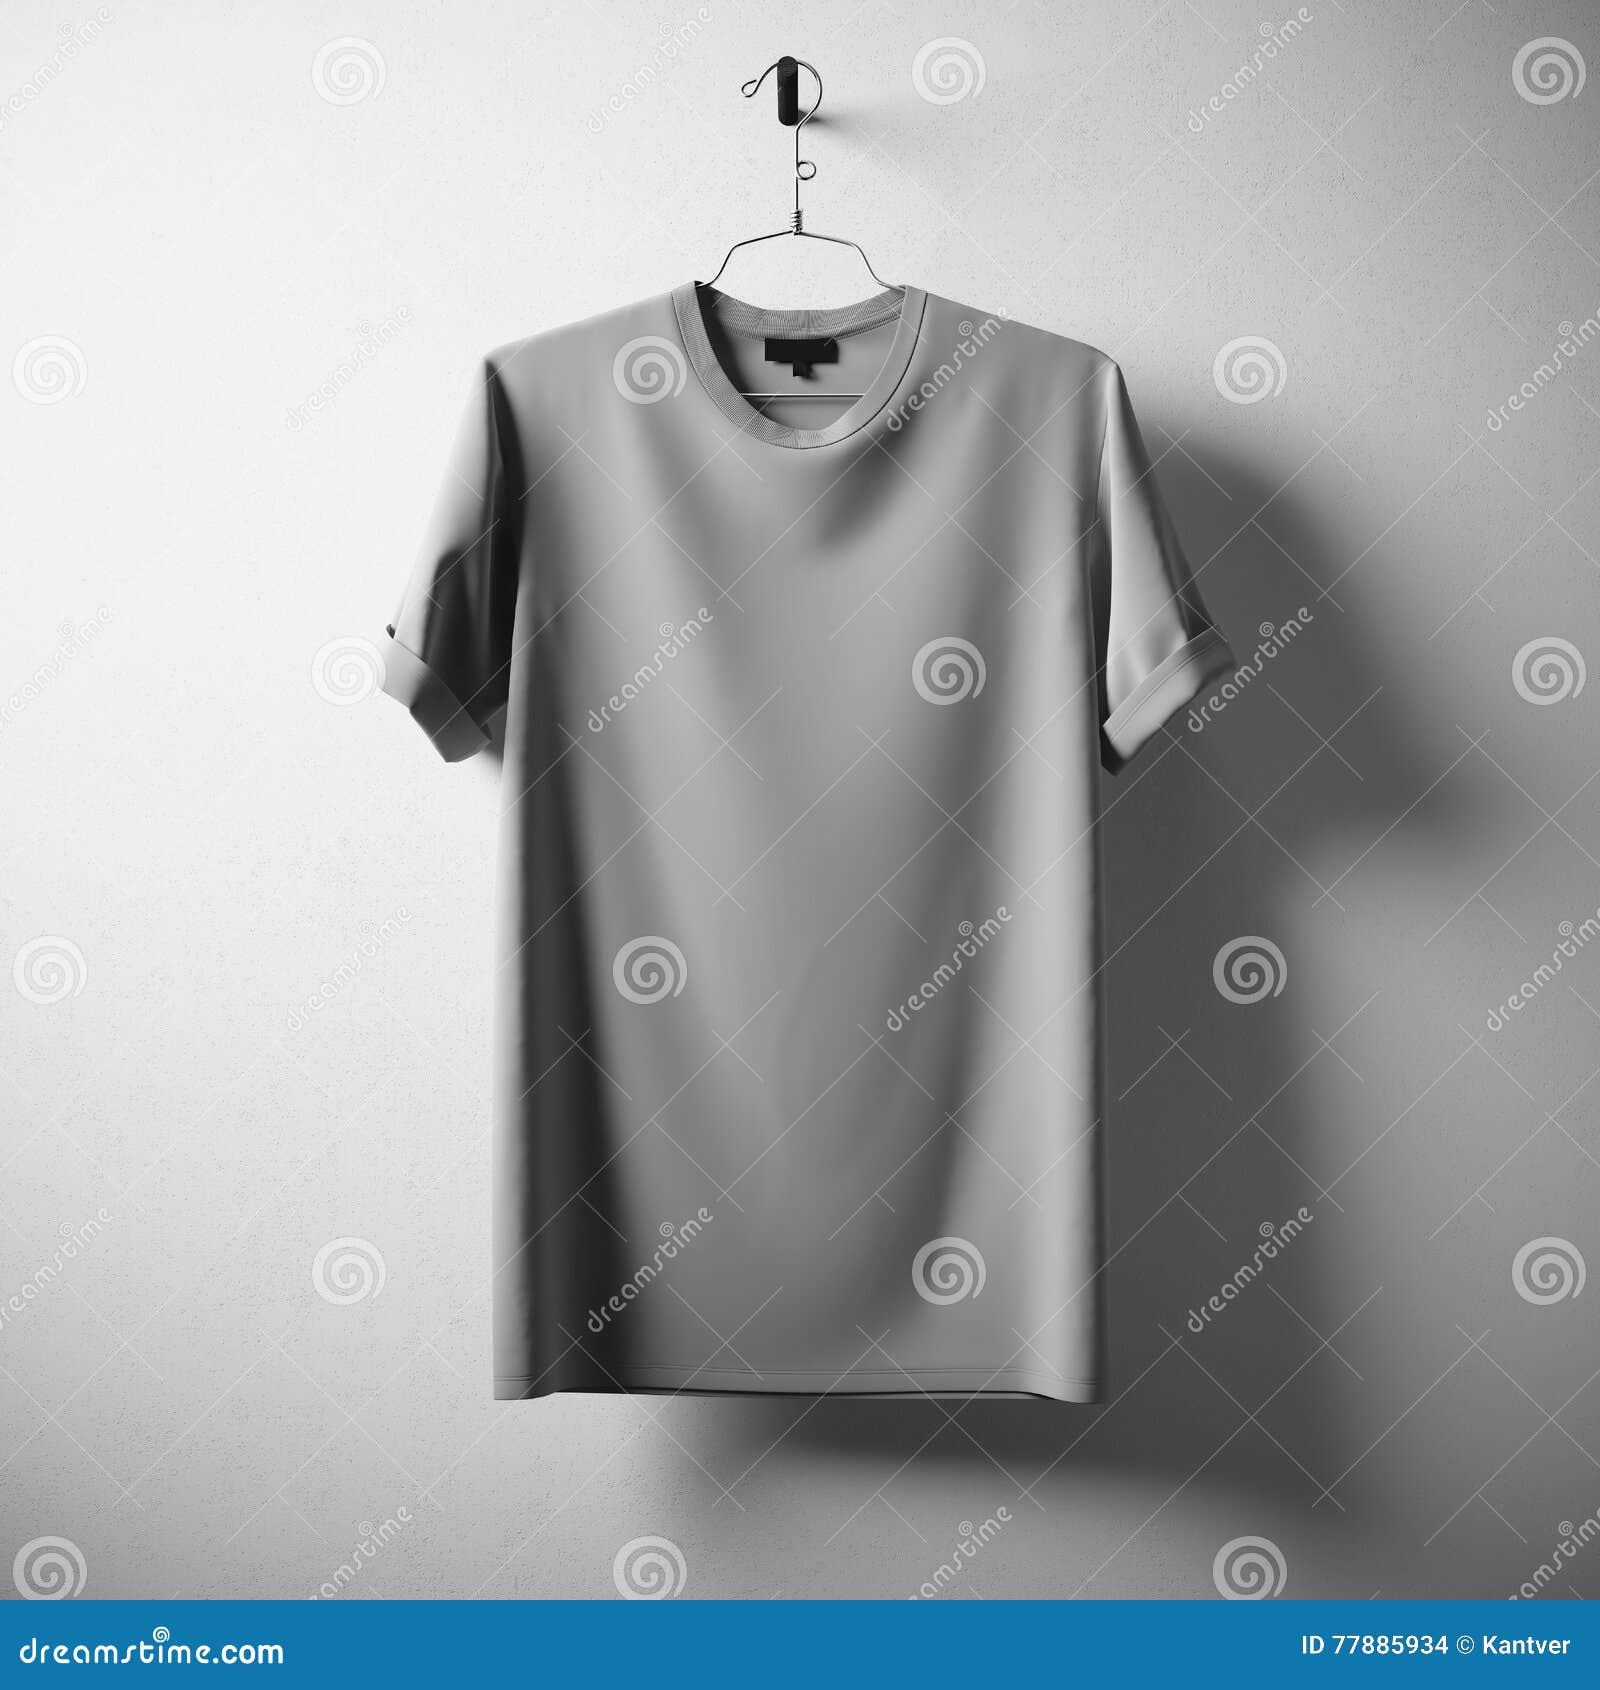 Lege Witte Concrete Lege de Muurachtergrond van Gray Cotton Tshirt Hanging Center Het model detailleerde hoogst Textuurmaterialen